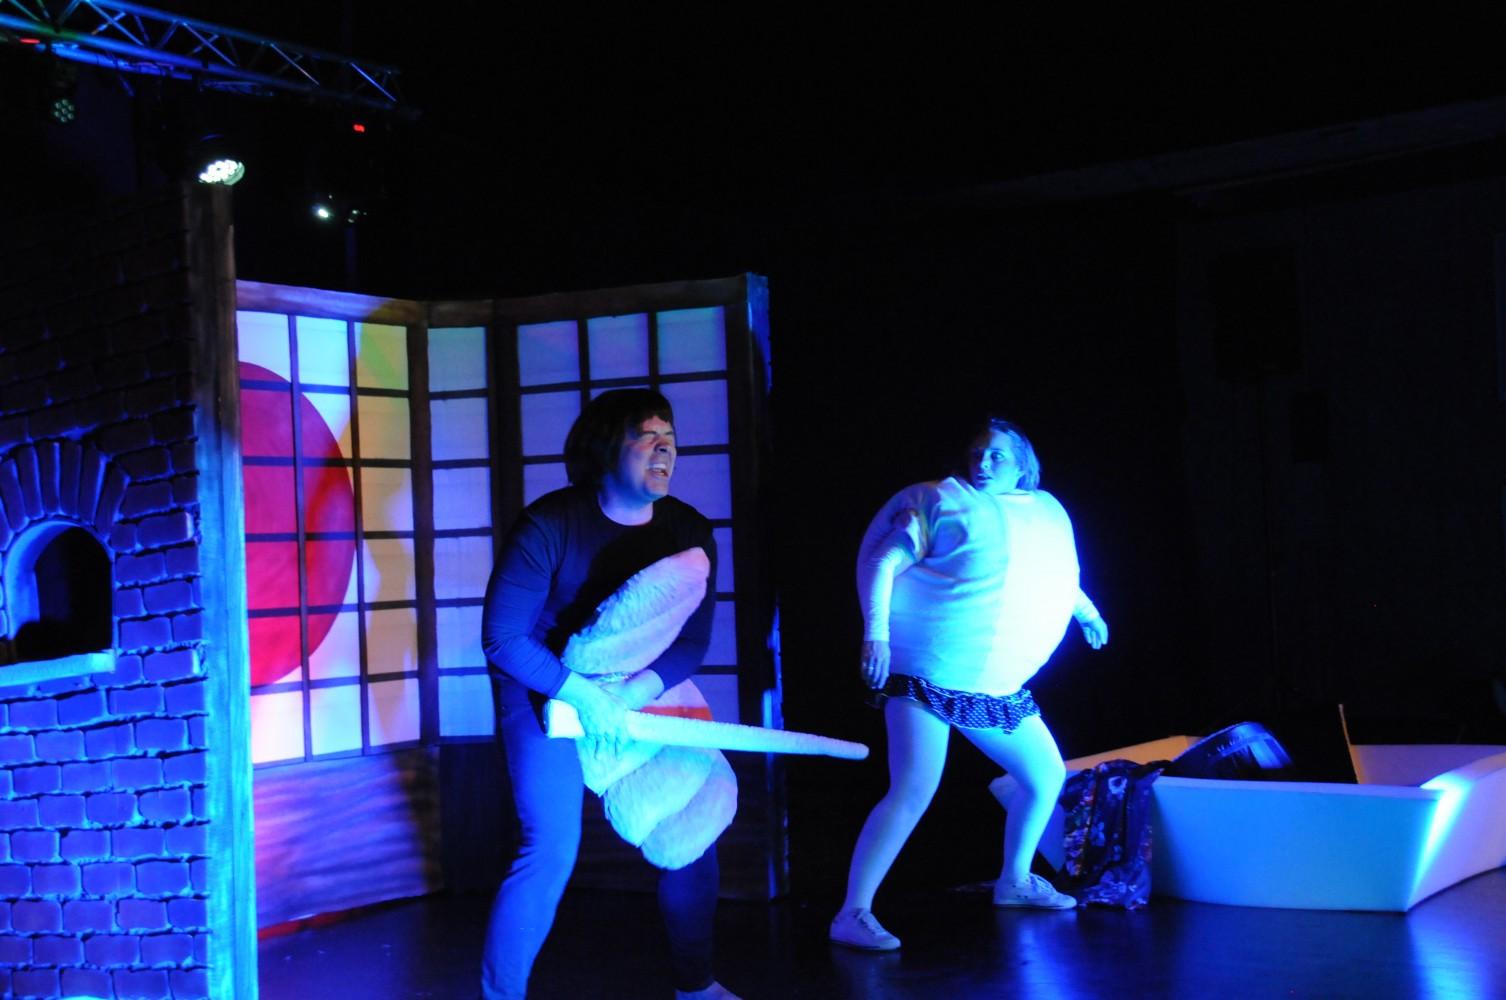 To personer på scenen i kostyme som ser bekymret ut. Foto.